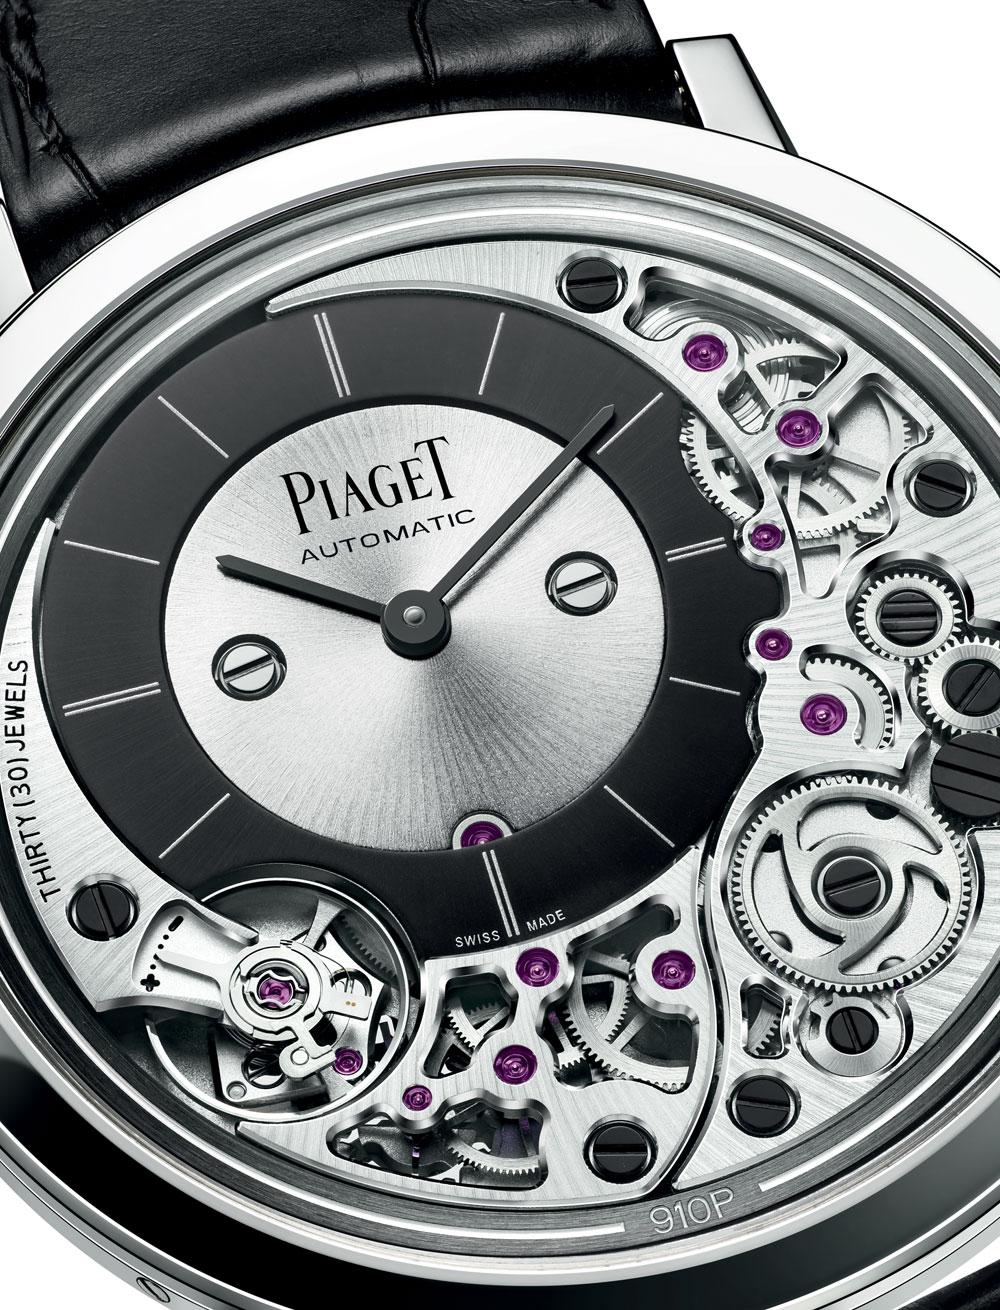 Piaget Altiplano Ultimate Automatic, el reloj automático con la caja más plana del mundo